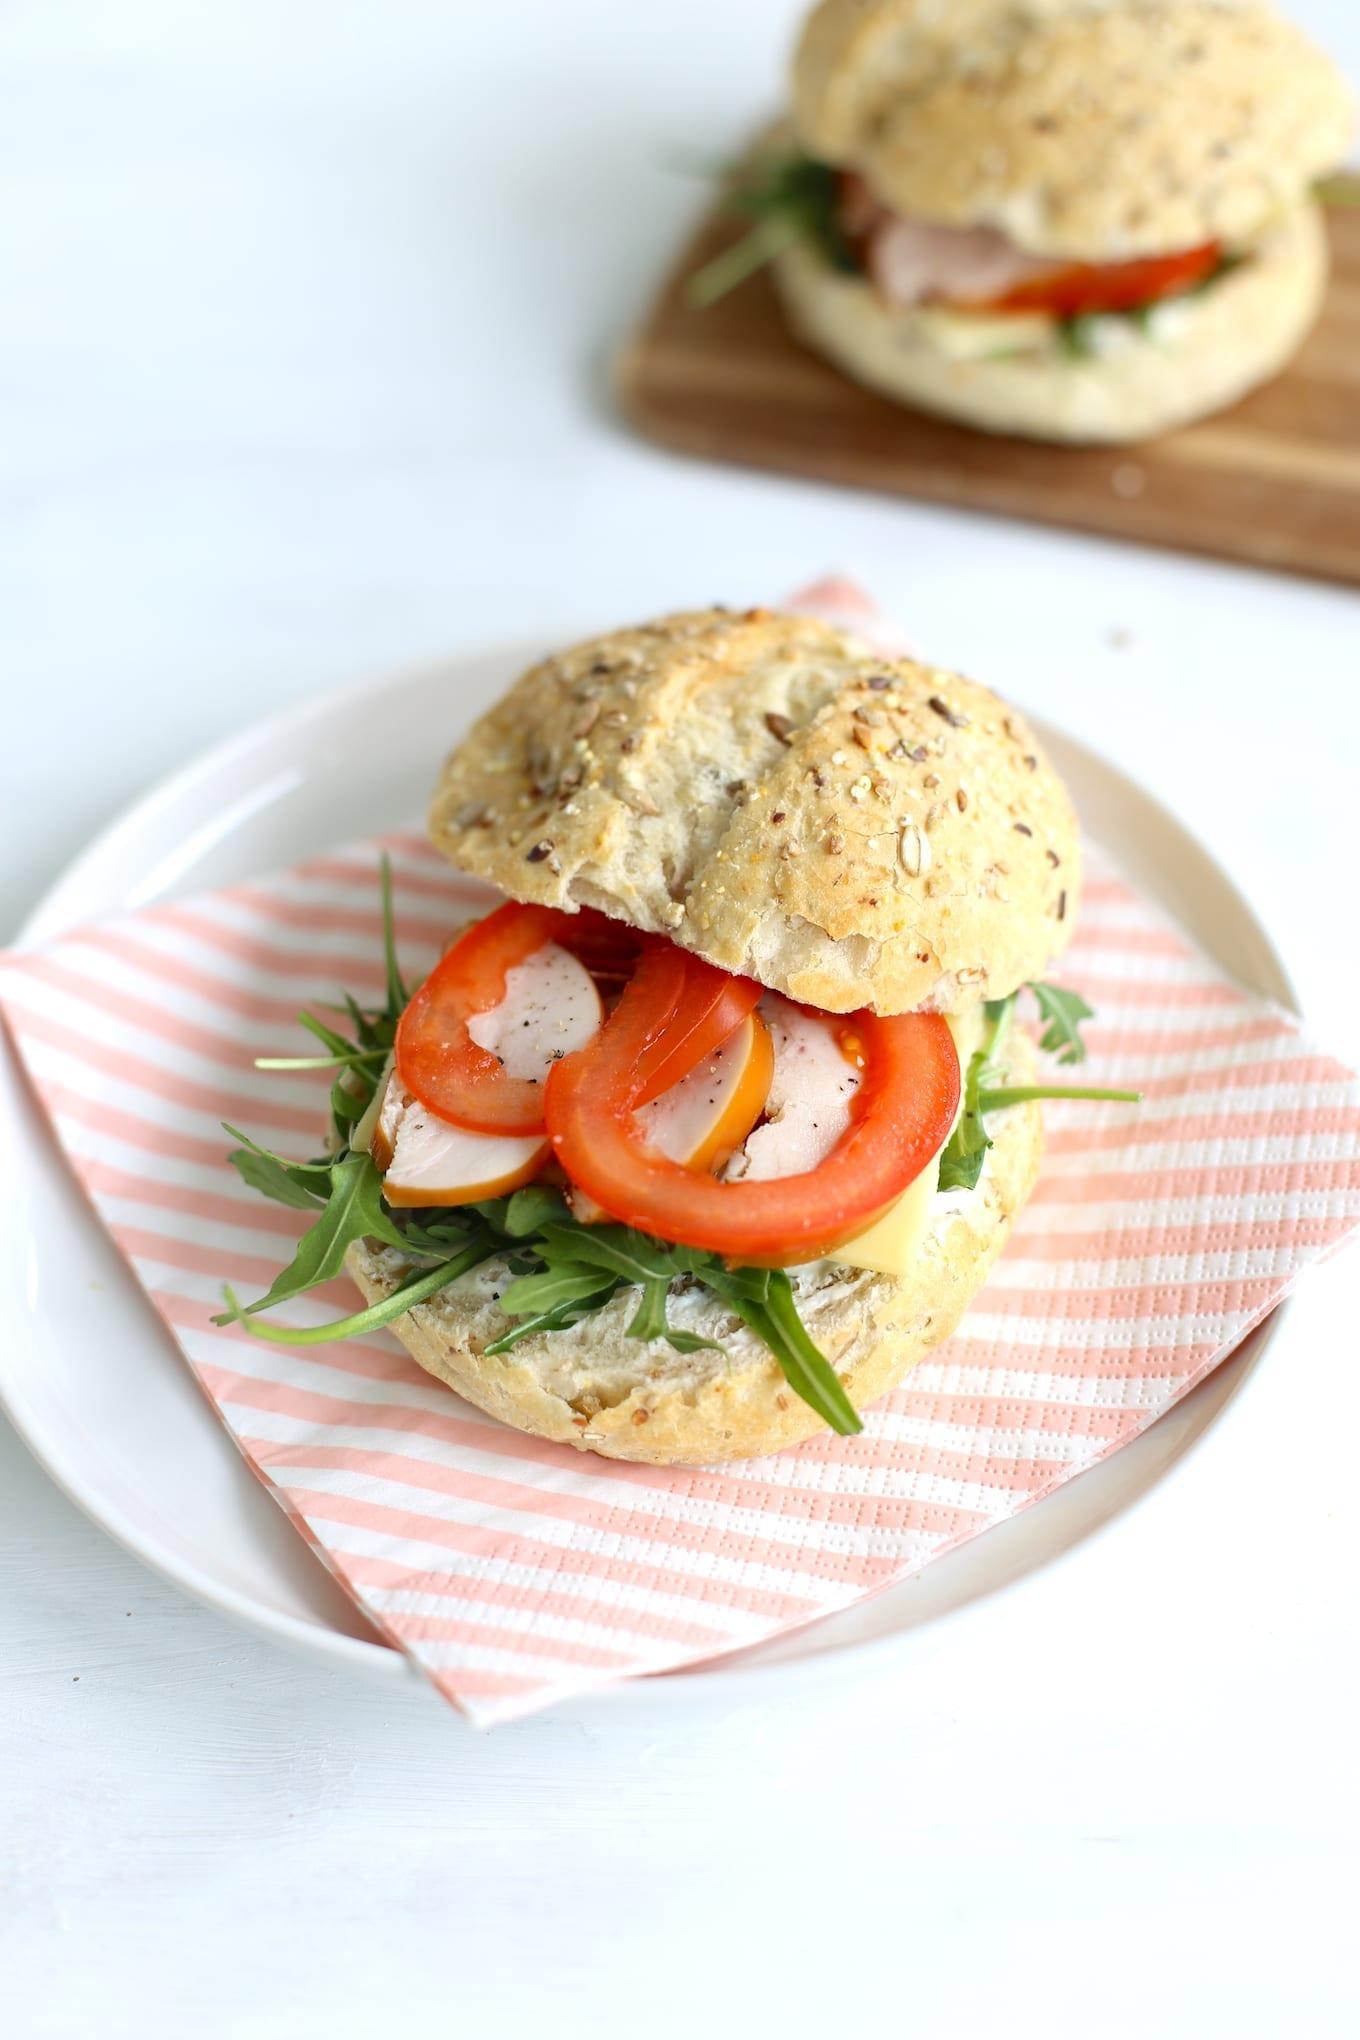 Broodje met gerookte kip en roomkaas